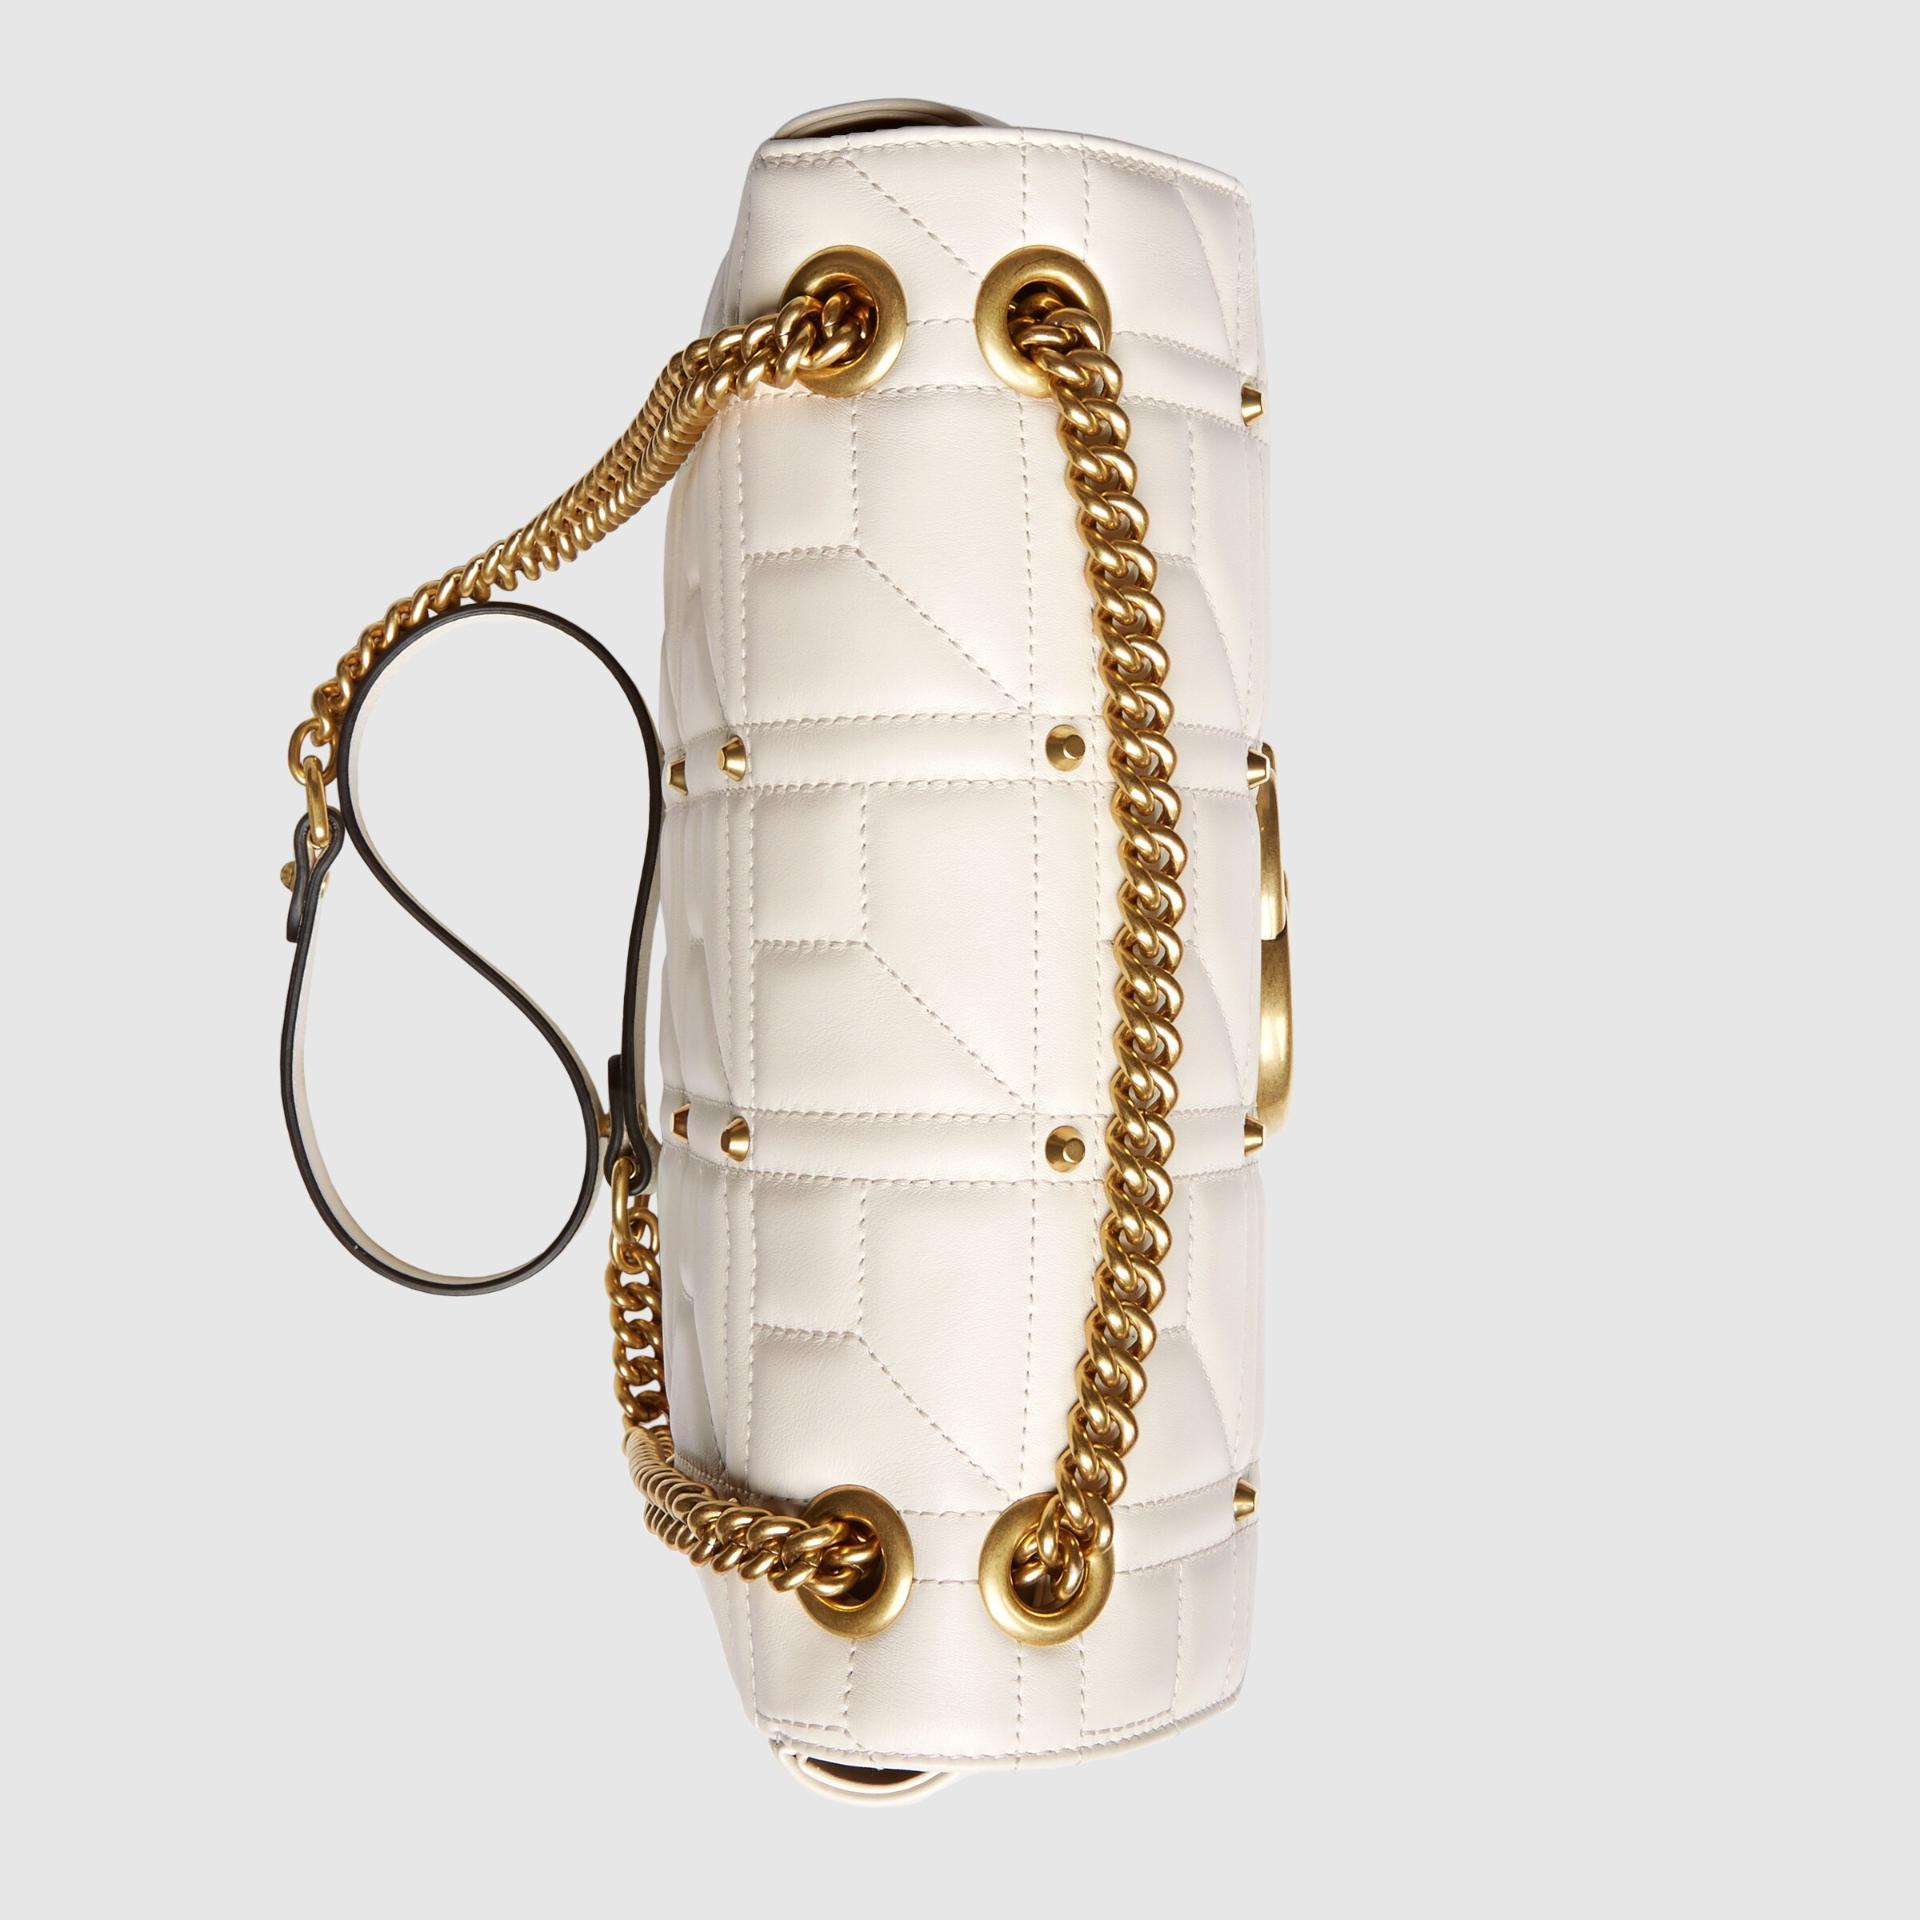 유럽직배송 구찌 GUCCI Gucci 2016 Re-Edition GG Marmont bag 443496DRWAR9022